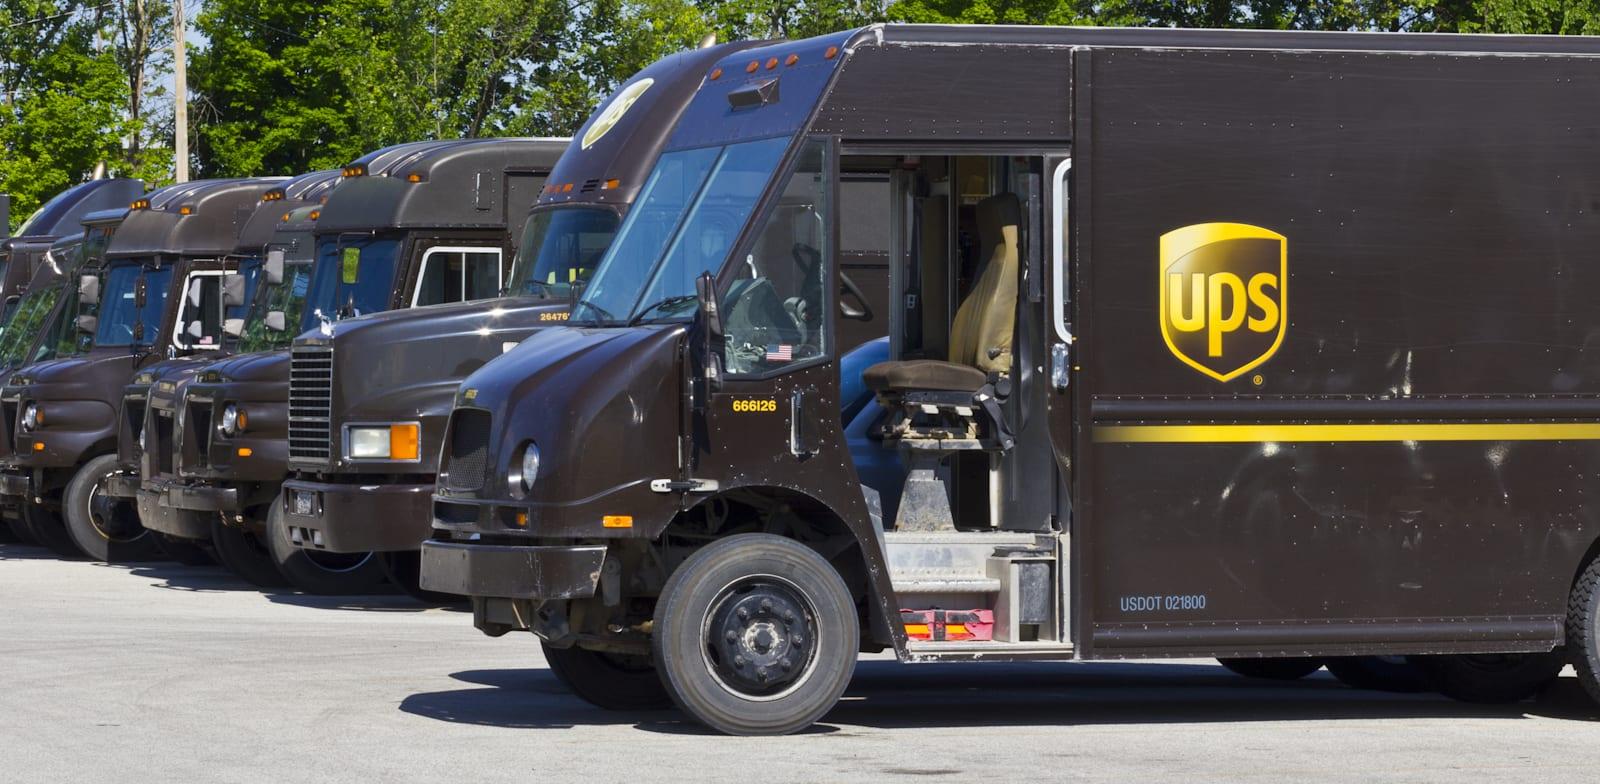 משאיות של UPS / צילום: Shutterstock, ג'ונתן וייס